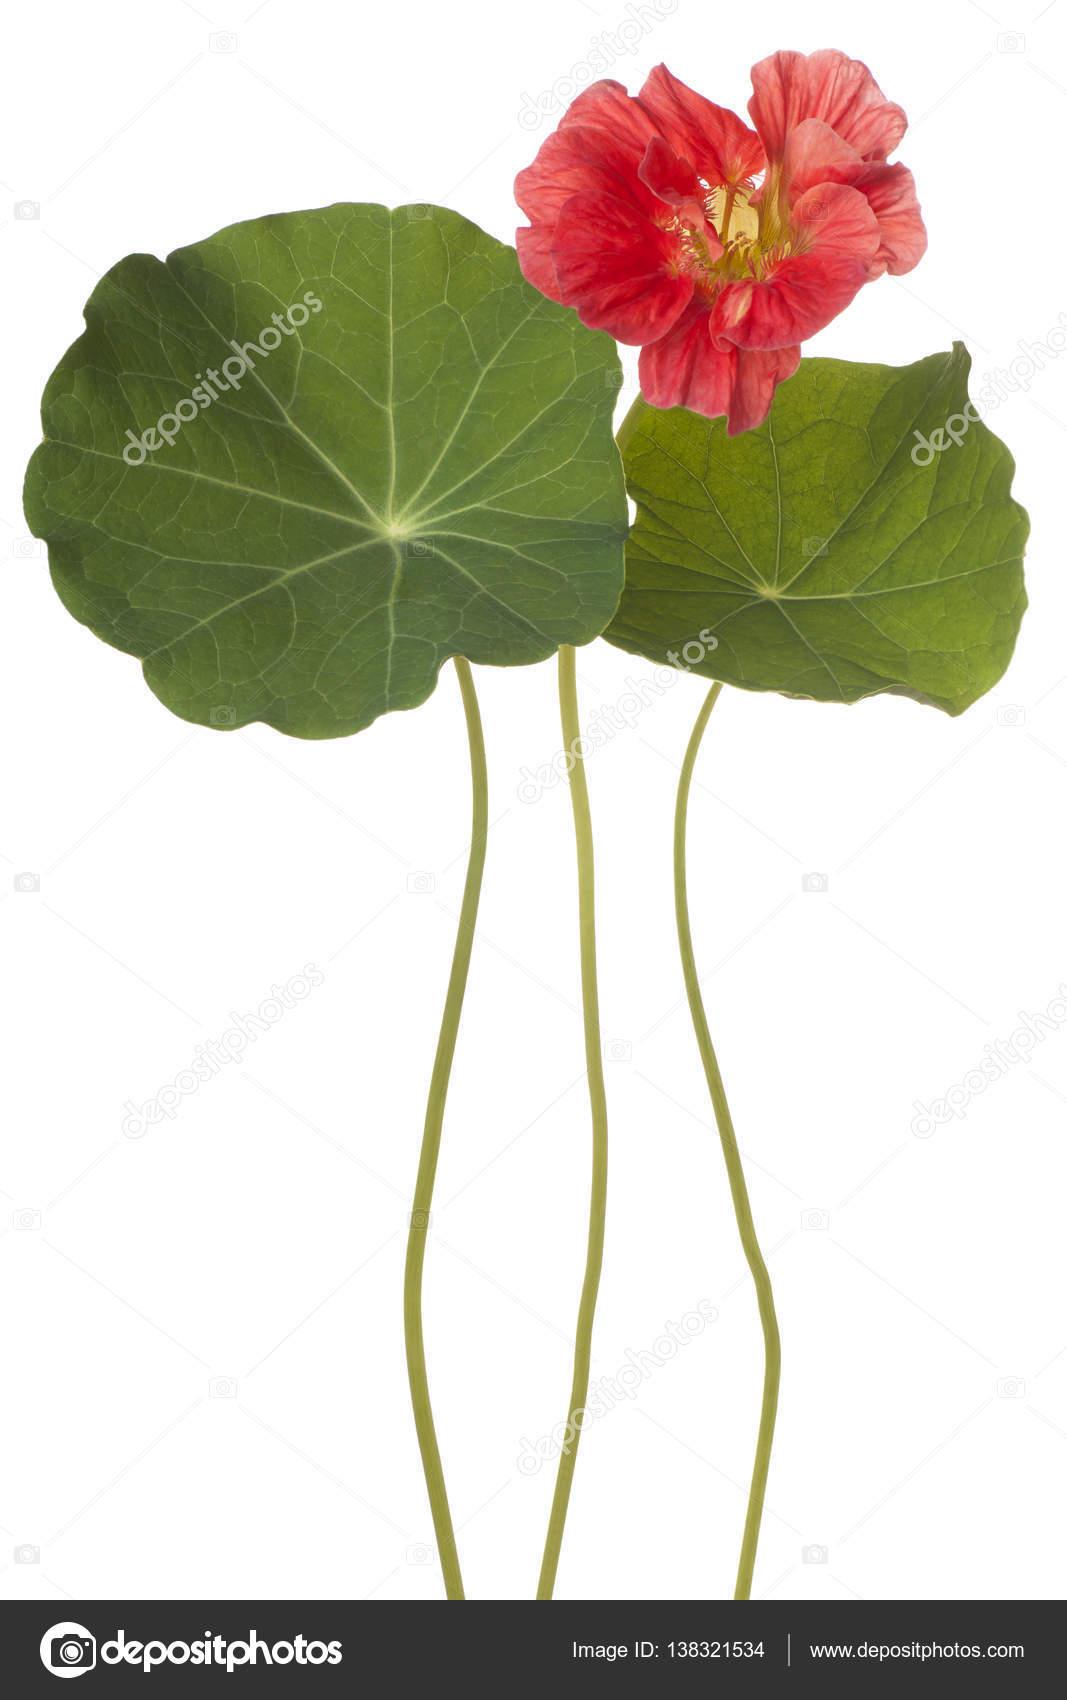 Capucine Fleurs Isolées Photographie Vilor 138321534